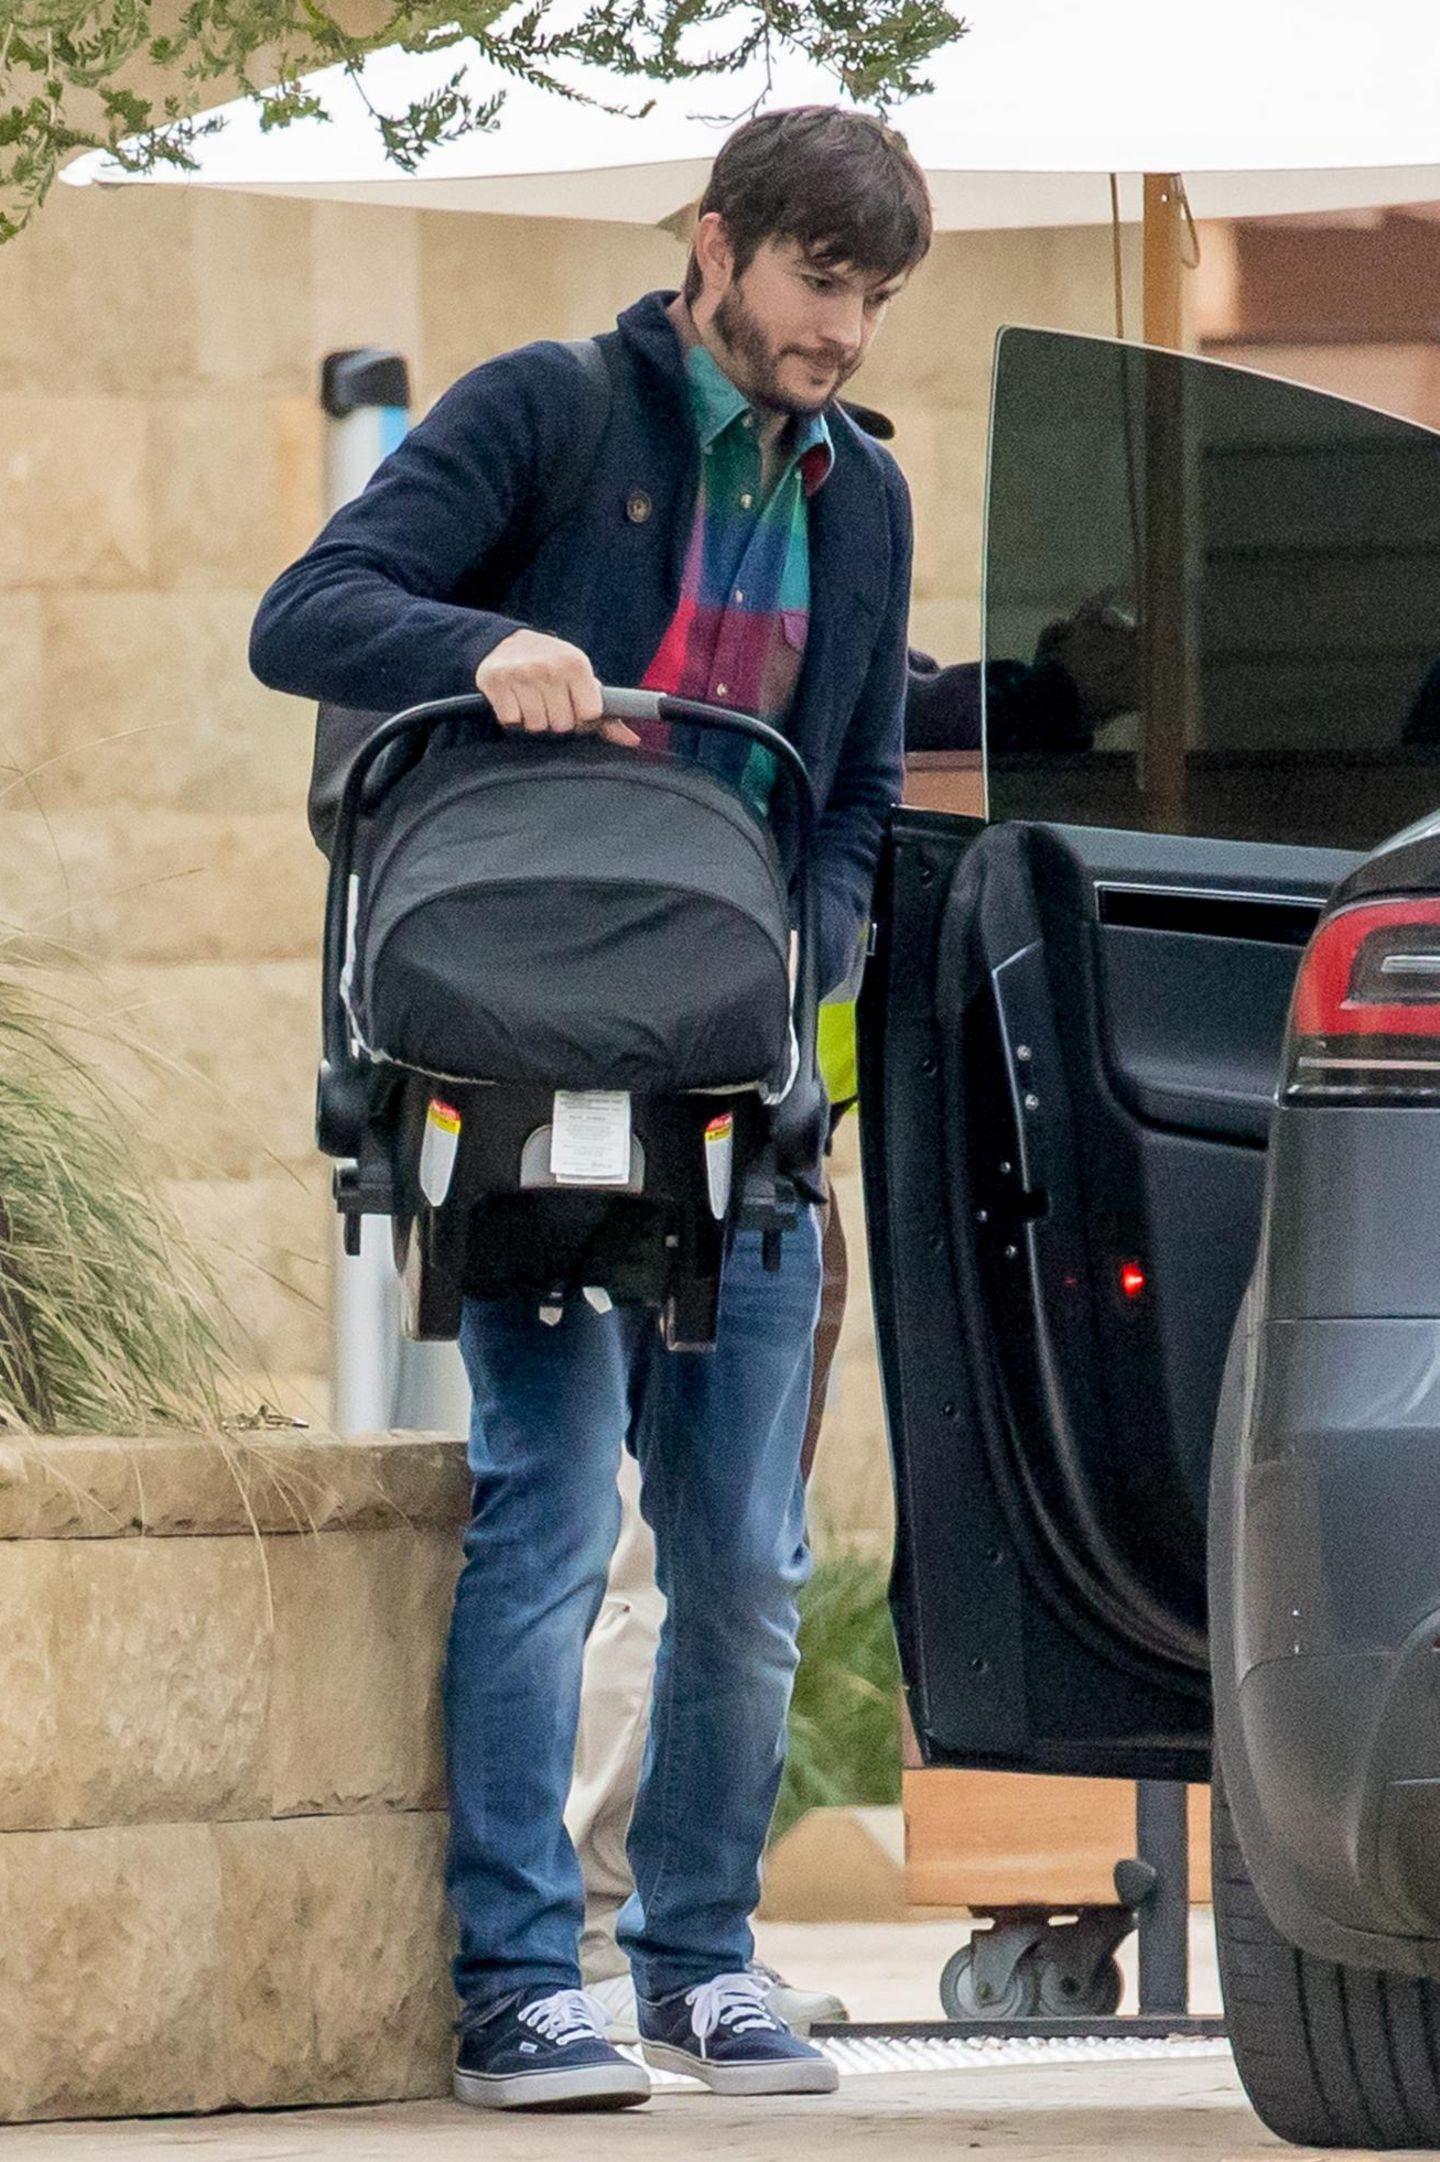 """Dezember 2016  Auch an Silvester heißt es für Ashton und Mila """"Family Time"""" statt wilde Party. Sie verbringen den letzten Tag in 2016 mit ihren Kindern in Malibu und fahren mit dem Auto durch die kalifornische Stadt. Dabei zeigt sich, was für ein sorgsamer Vater Ashton ist. Erst trägt er den kleinen Dimitri ins Auto ..."""